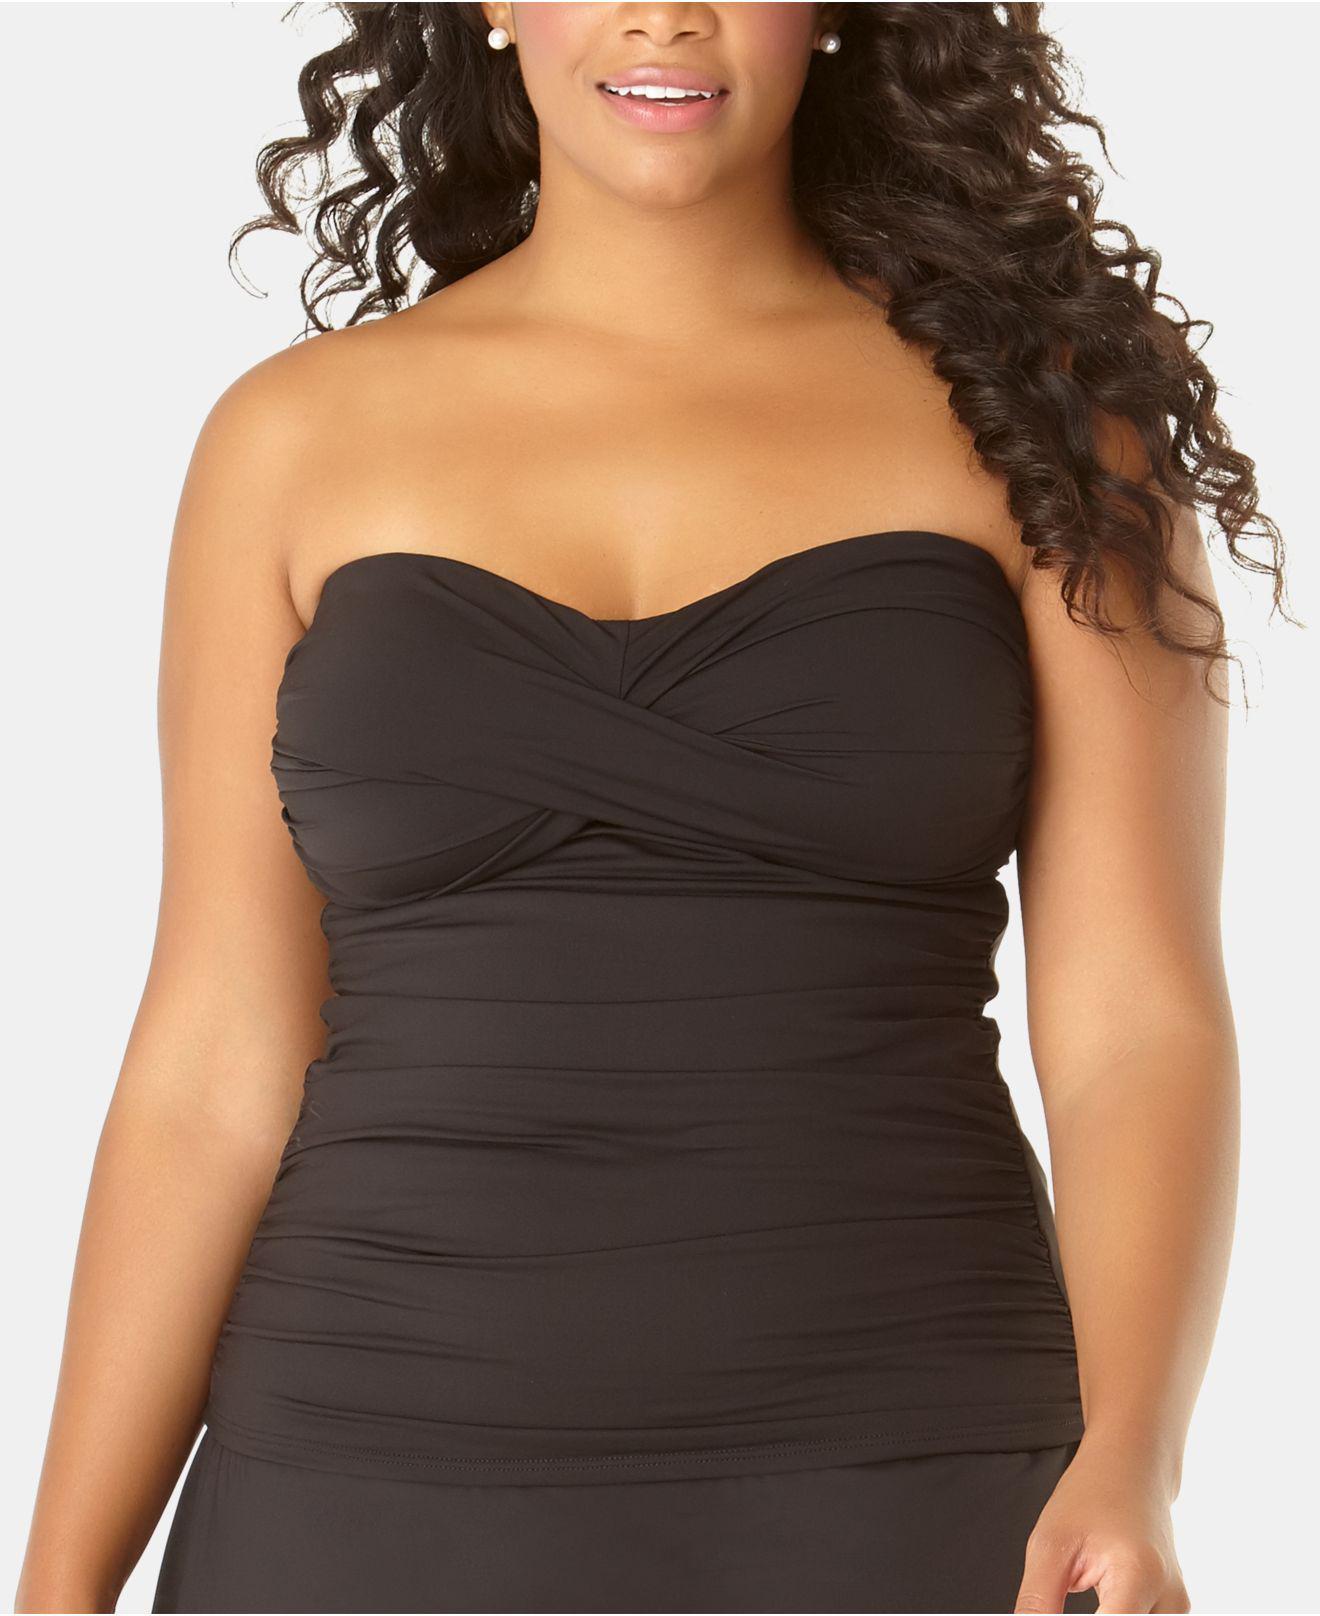 8325a0d746 Anne Cole. Women's Black Plus Size Live In Color Twist-front Bandeau  Tankini Top